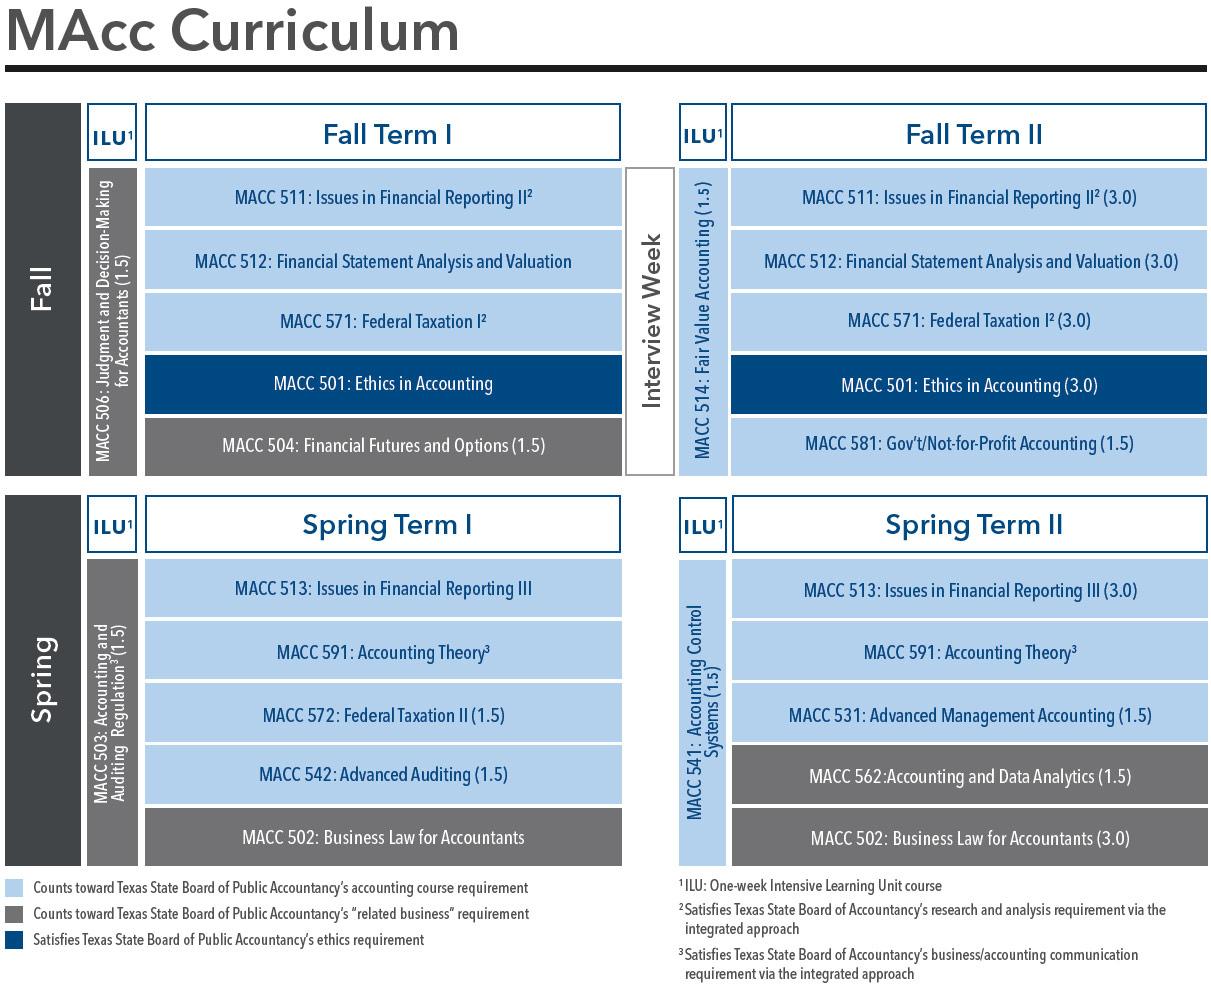 MAcc Curriculum